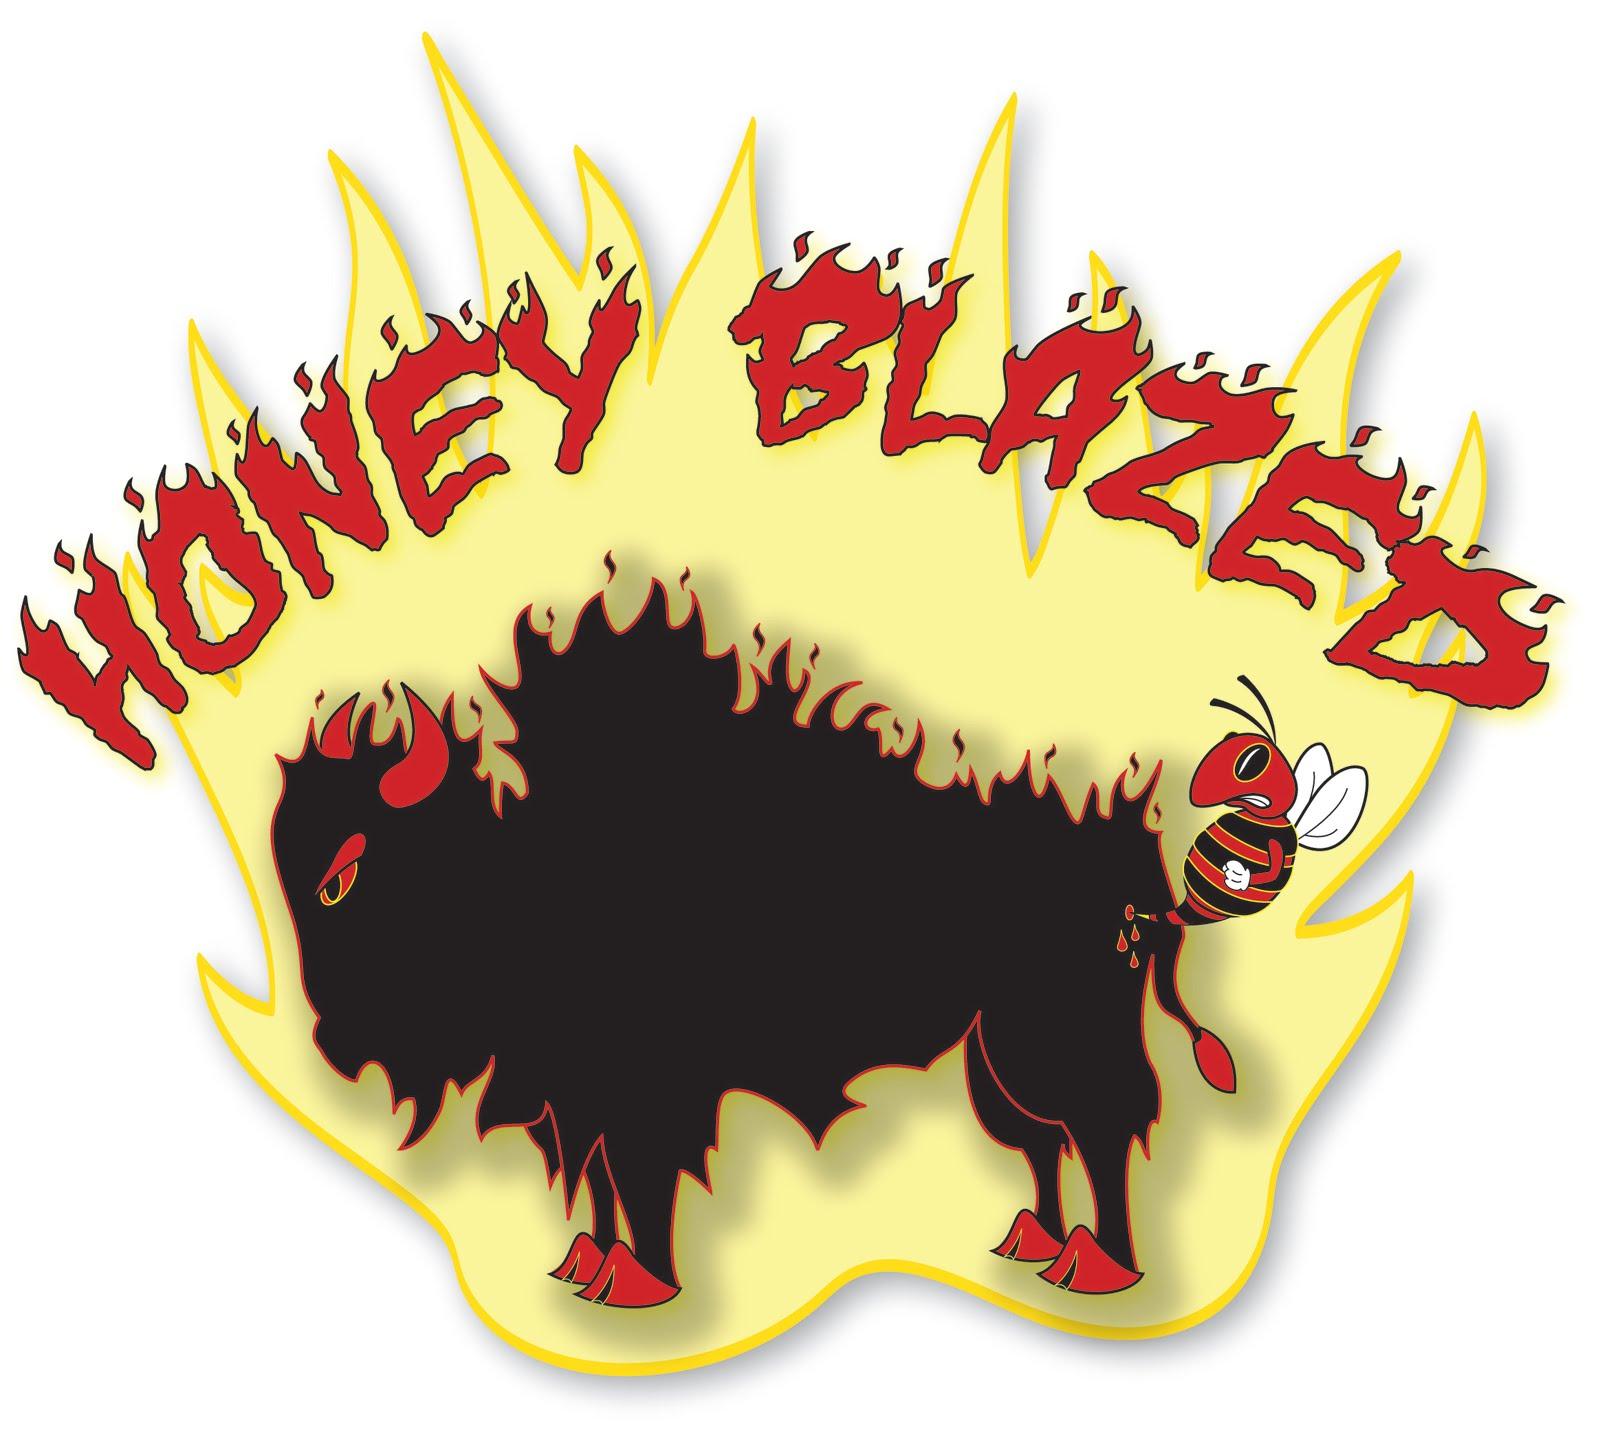 CherryArt: Honey Blazed